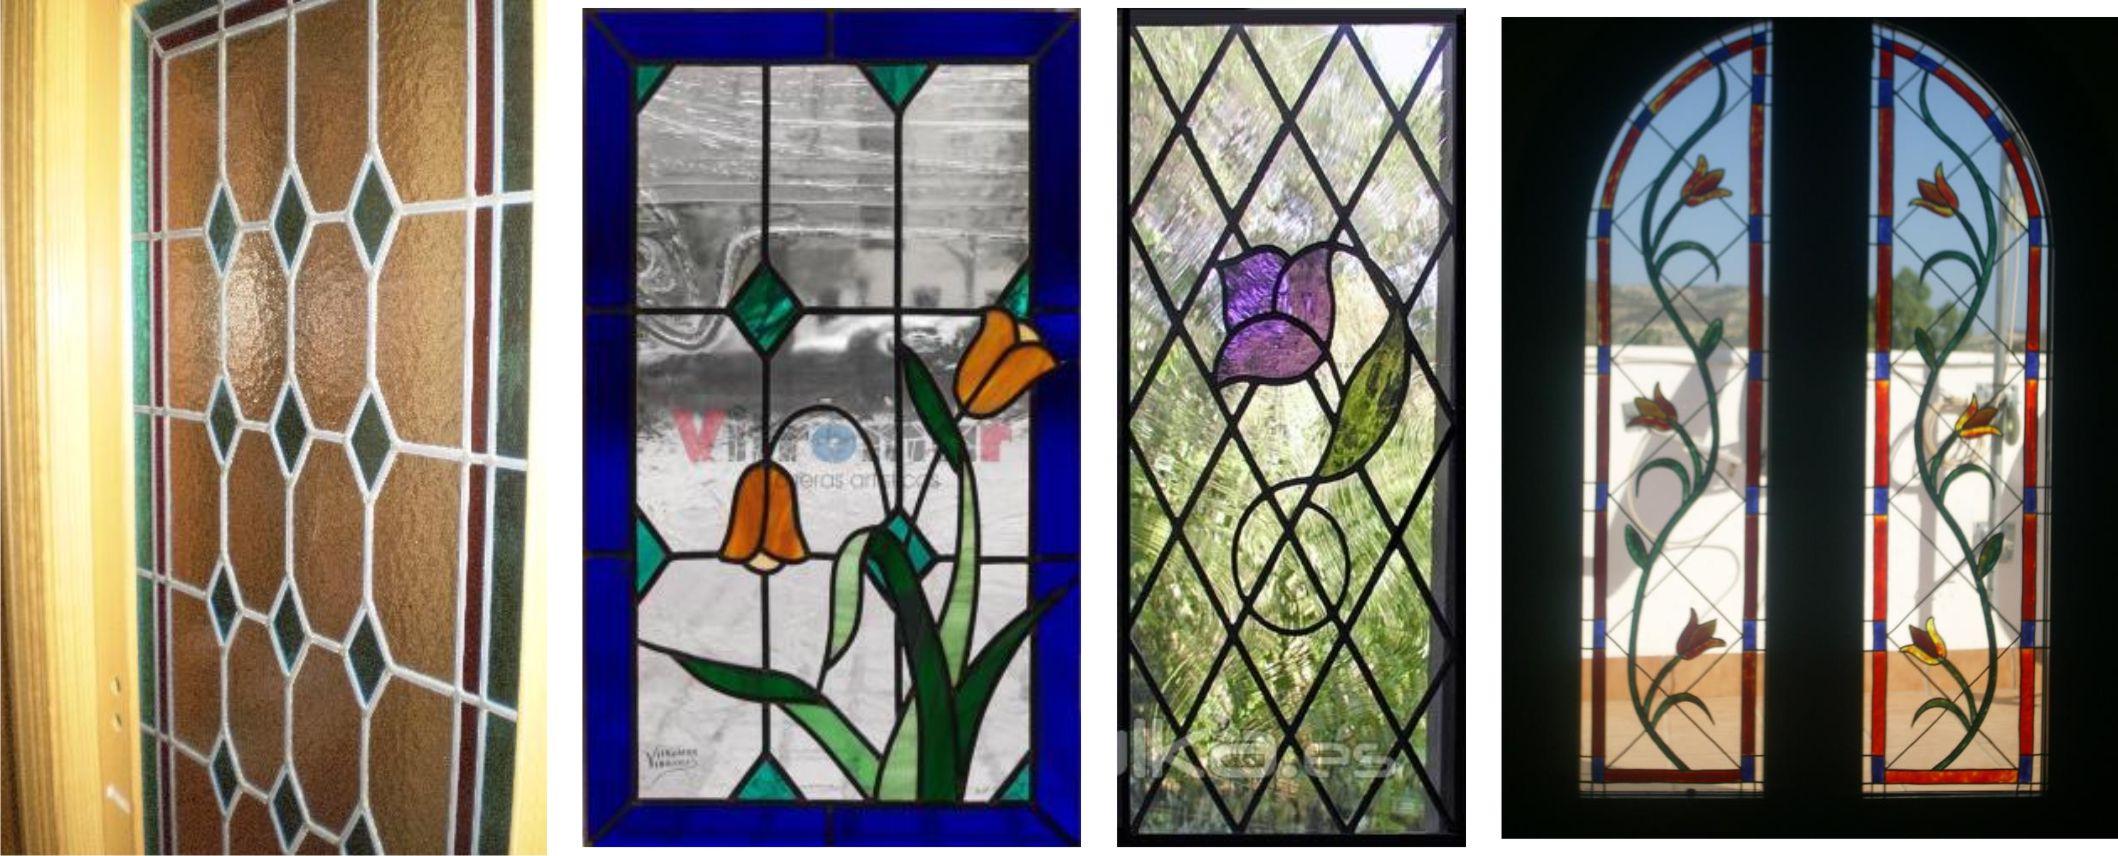 Vidrieras para ventanas great snow flakes vinilos for Puertas con vidrieras decorativas